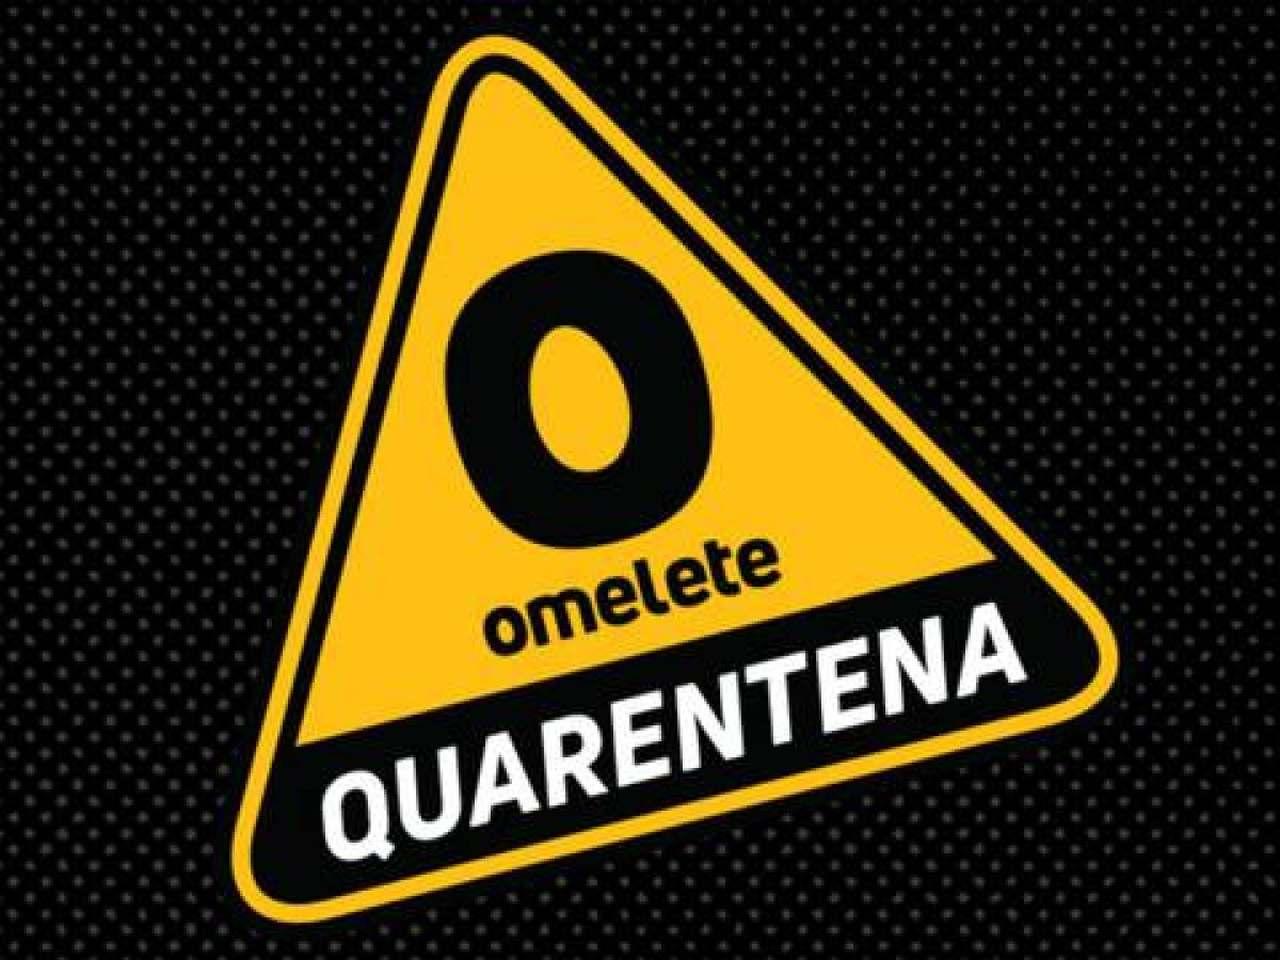 Omelete em Quarentena